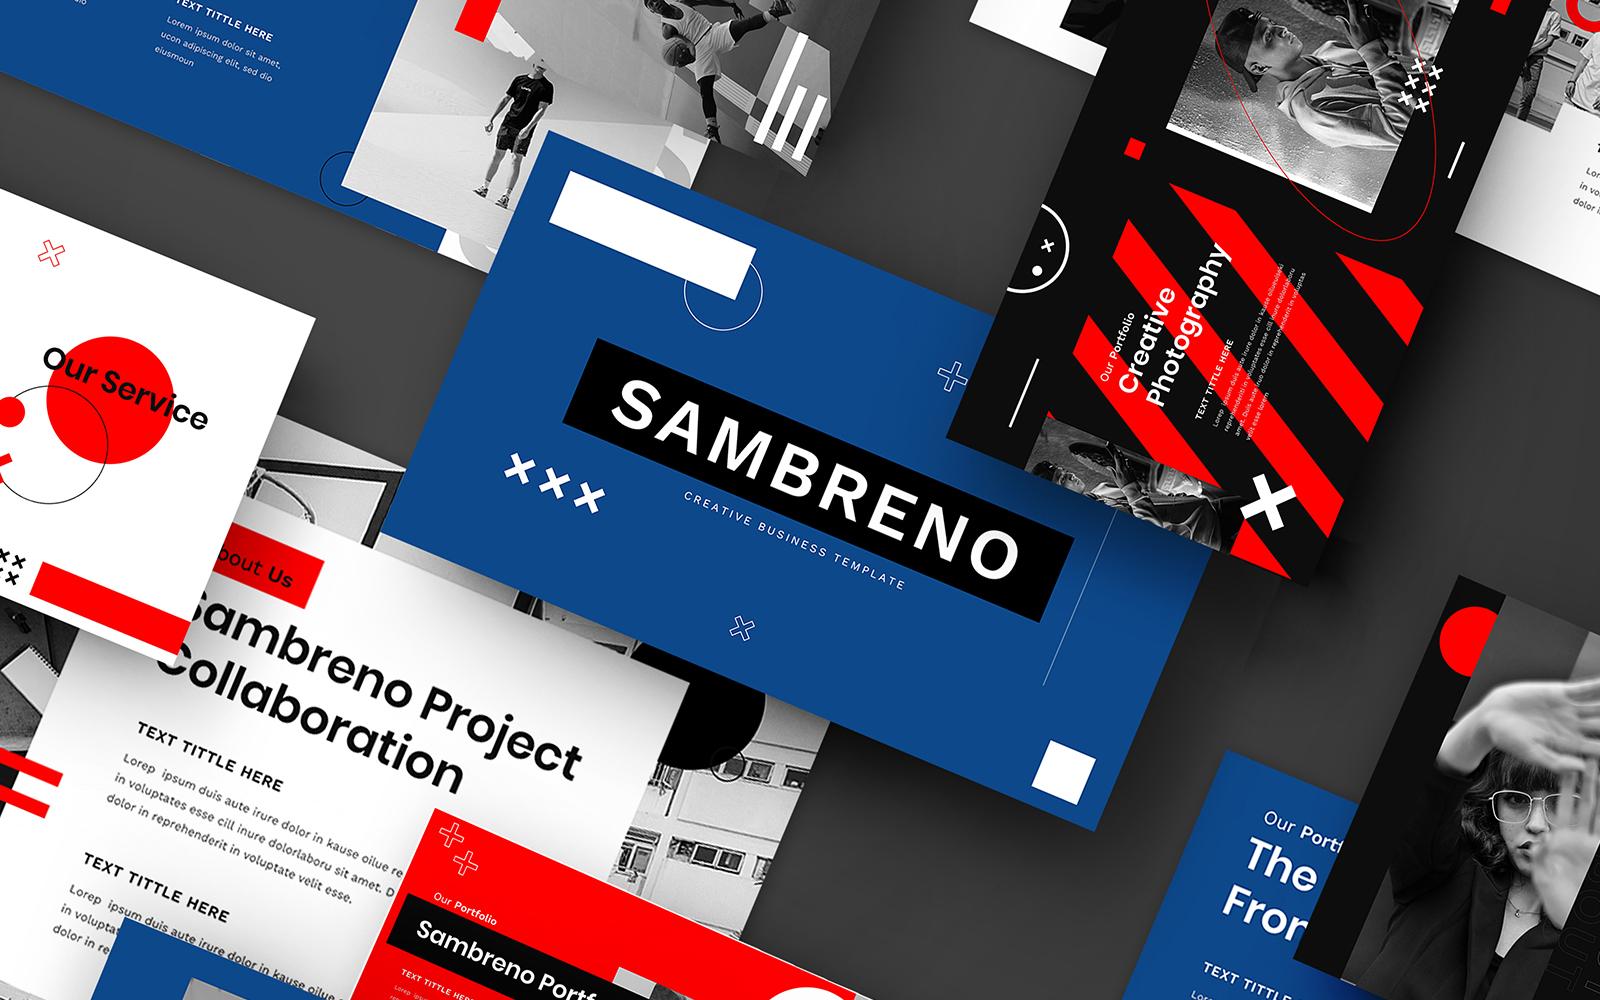 Sambreno – Creative Business №110285